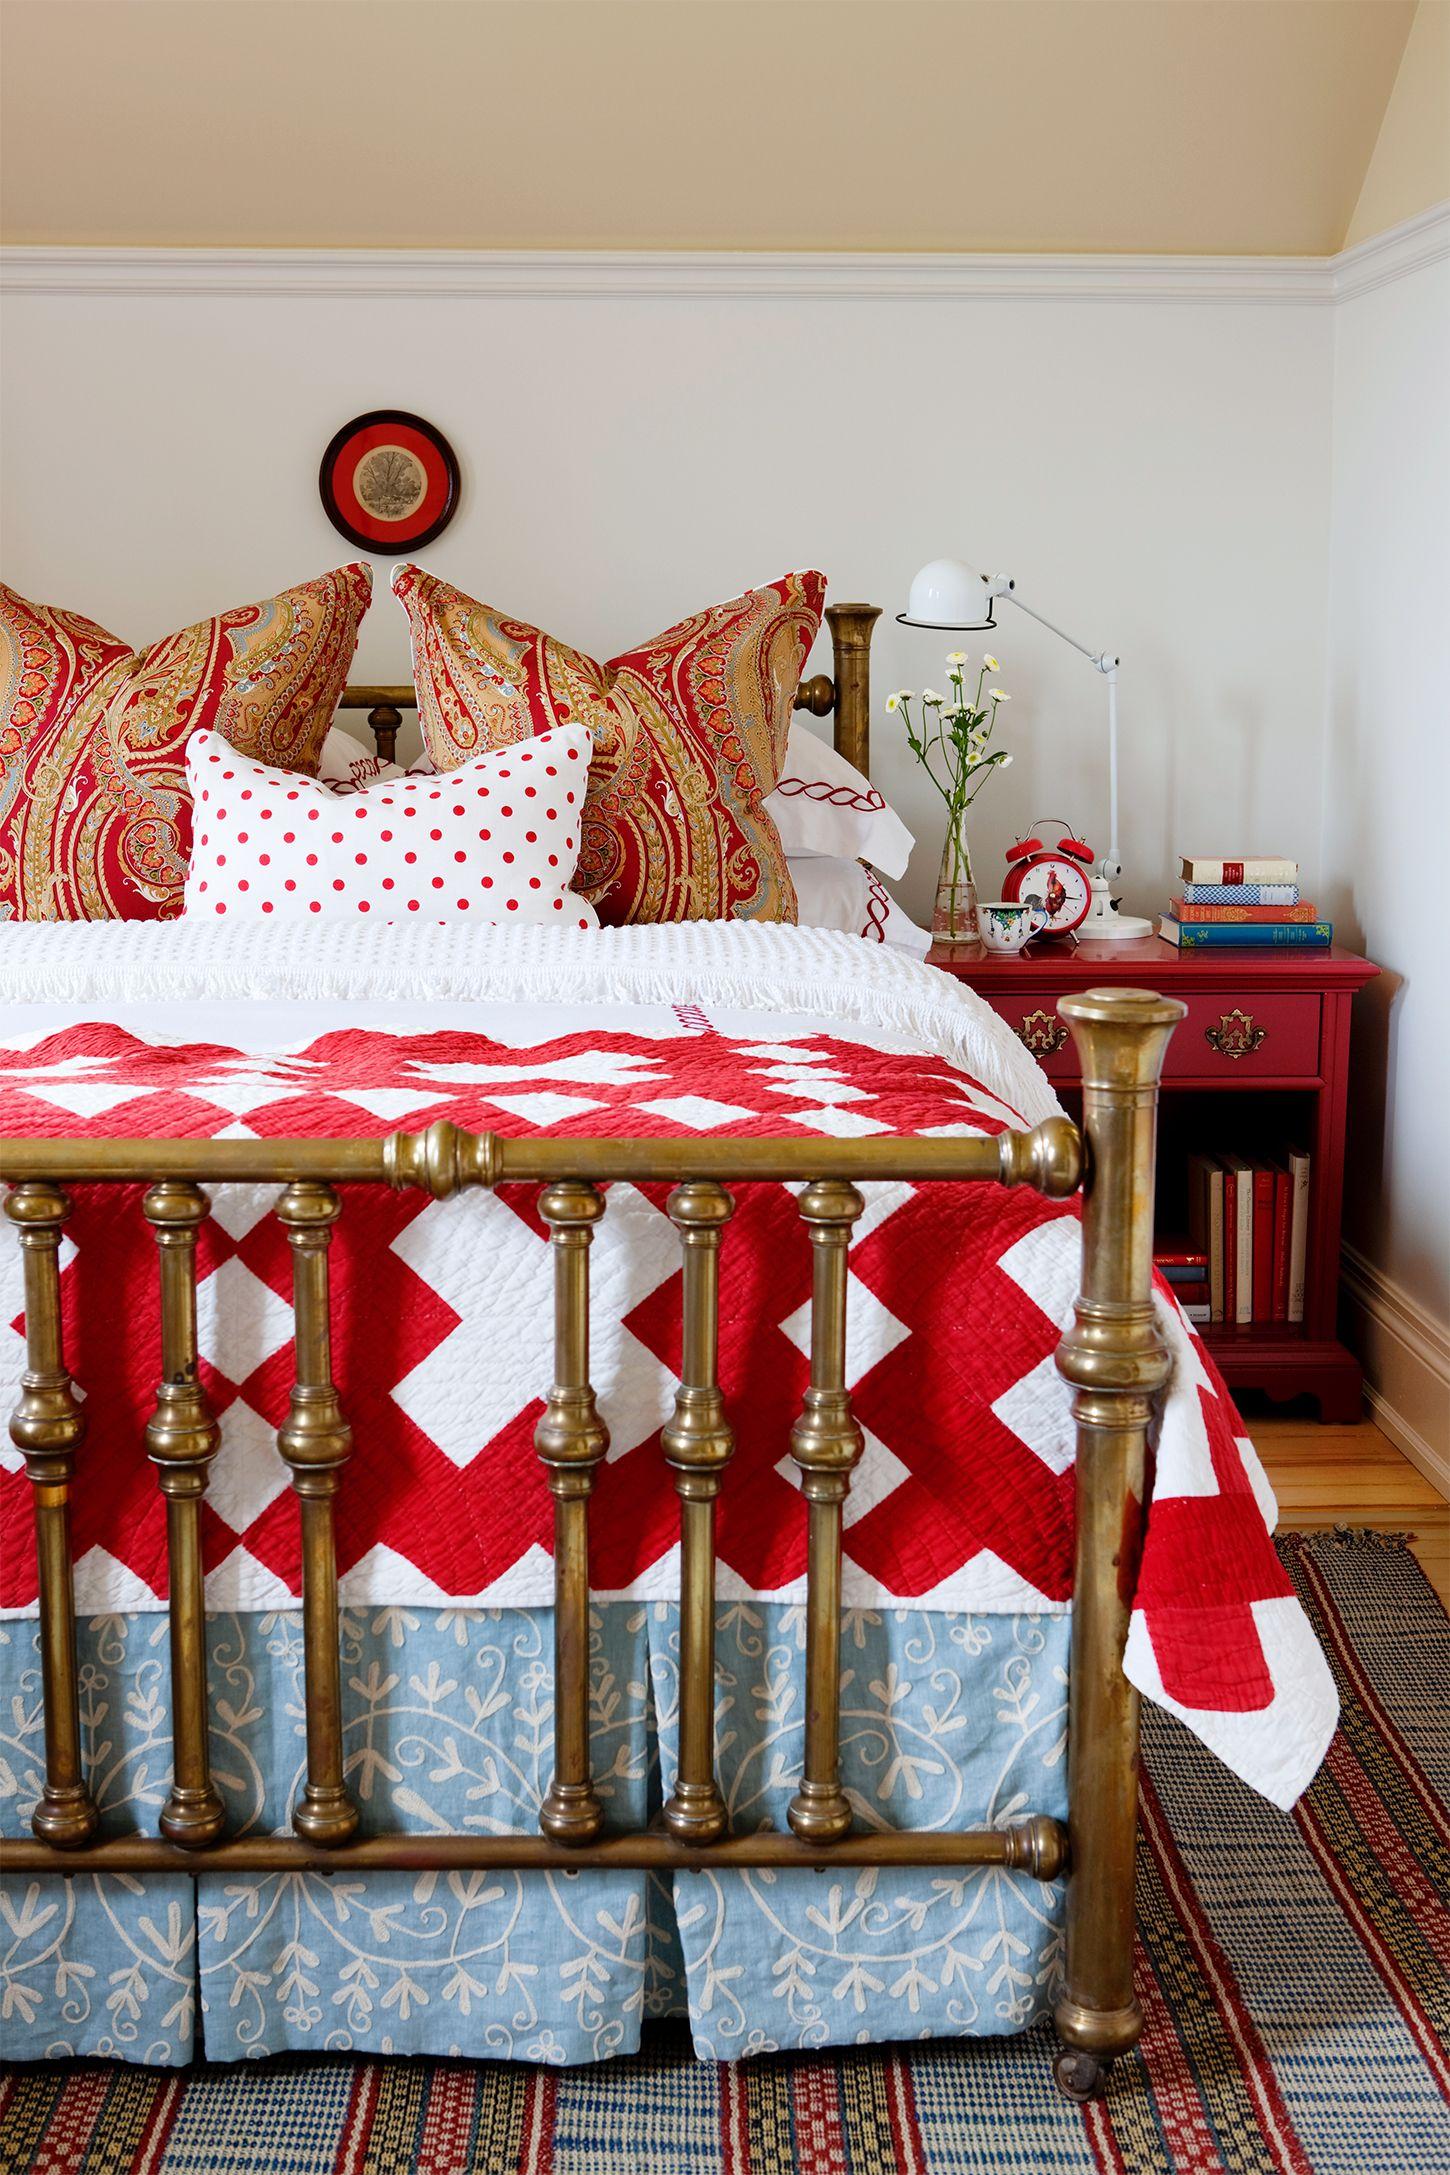 cozy bedroom ideas - red bedding